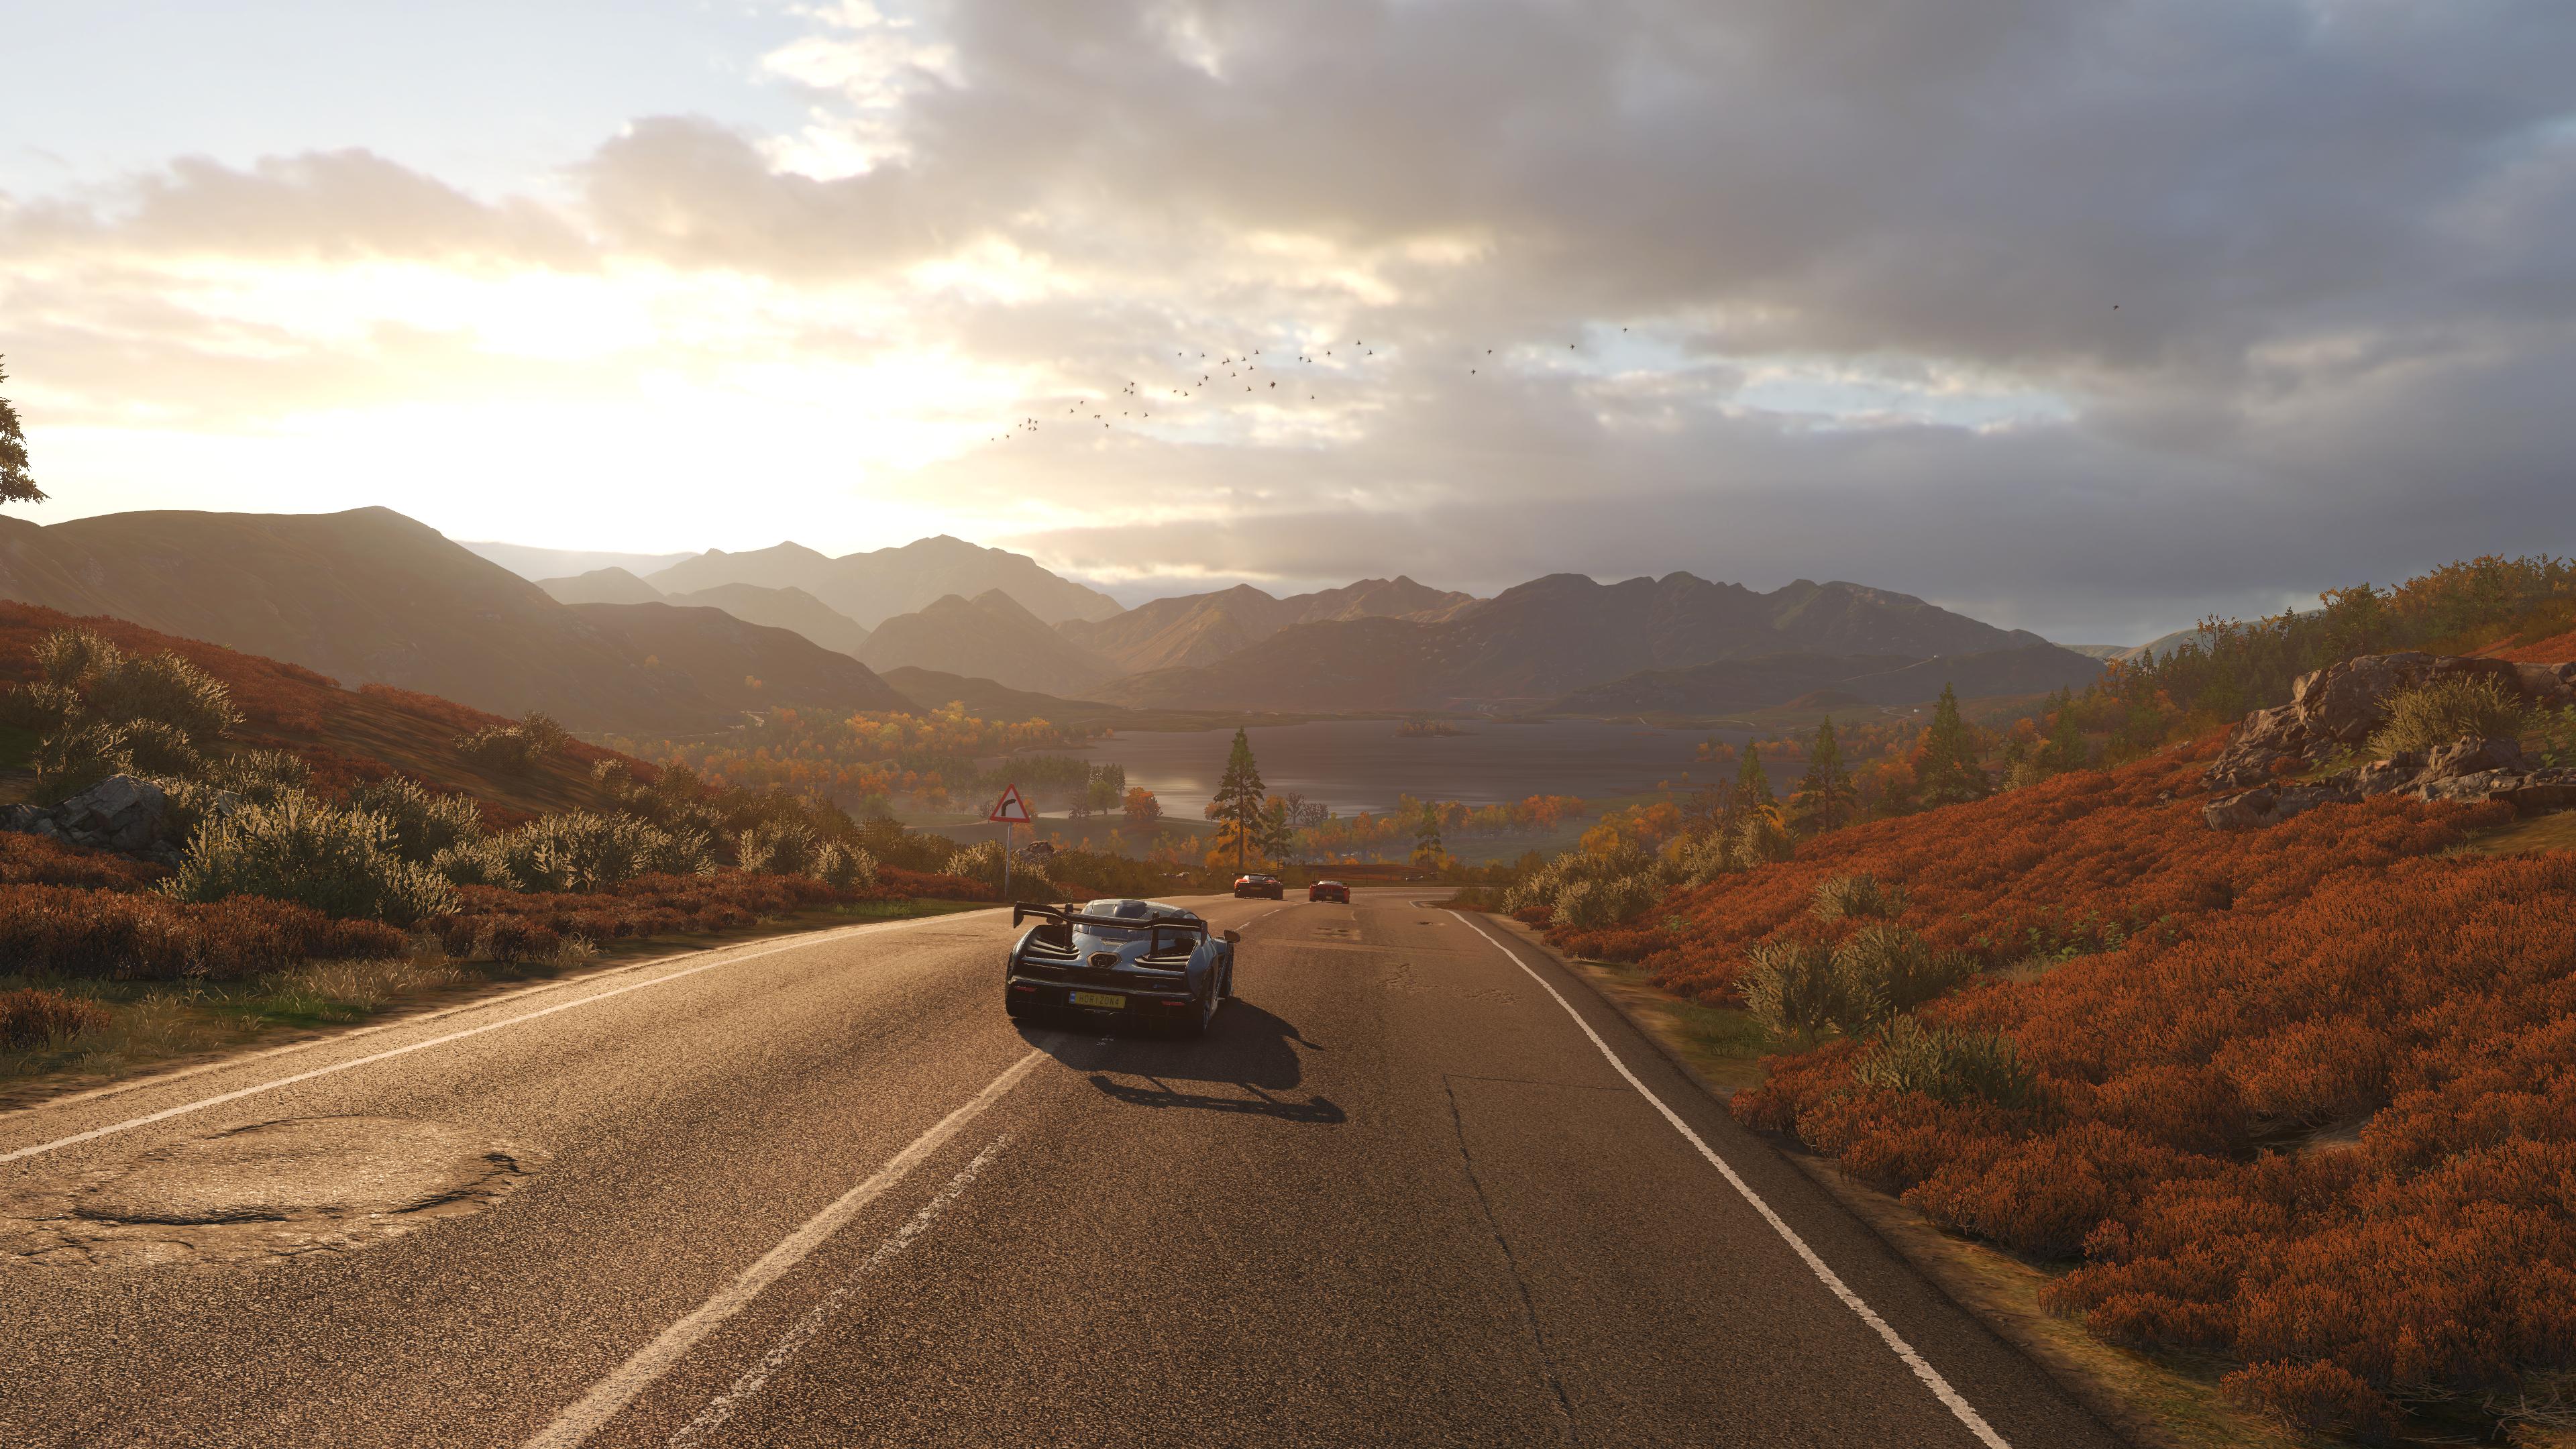 Forza Horizon 4 - PC Review - GameSpace com